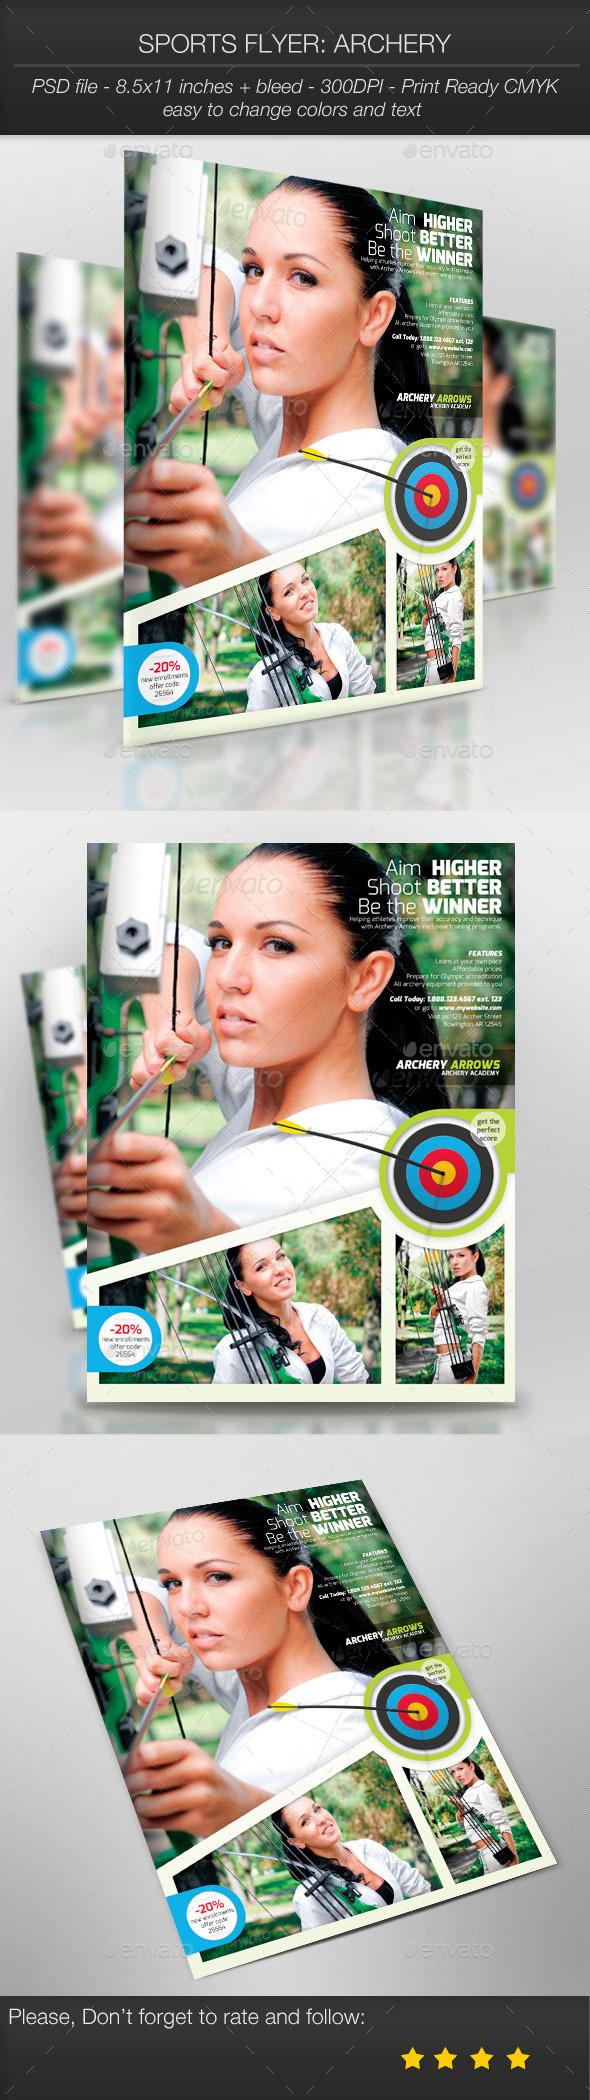 Sports Flyer: Archery - Sports Events